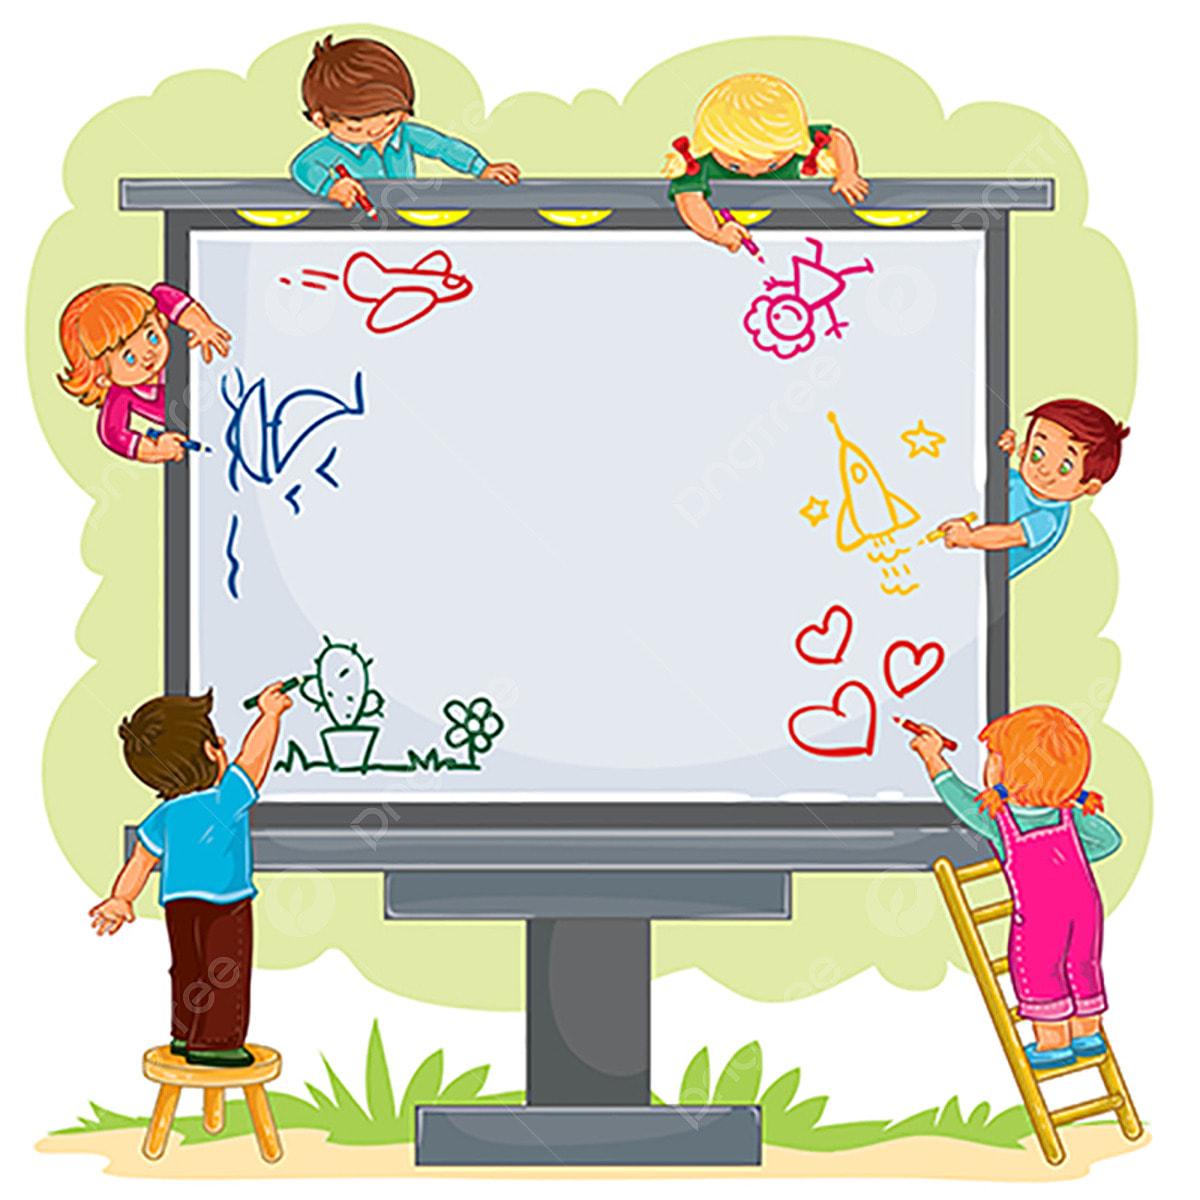 أطفال سعداء معا رسم على لوحة كبيرة قصاصات فنية من الأطفال طفل قليل Png والمتجهات للتحميل مجانا